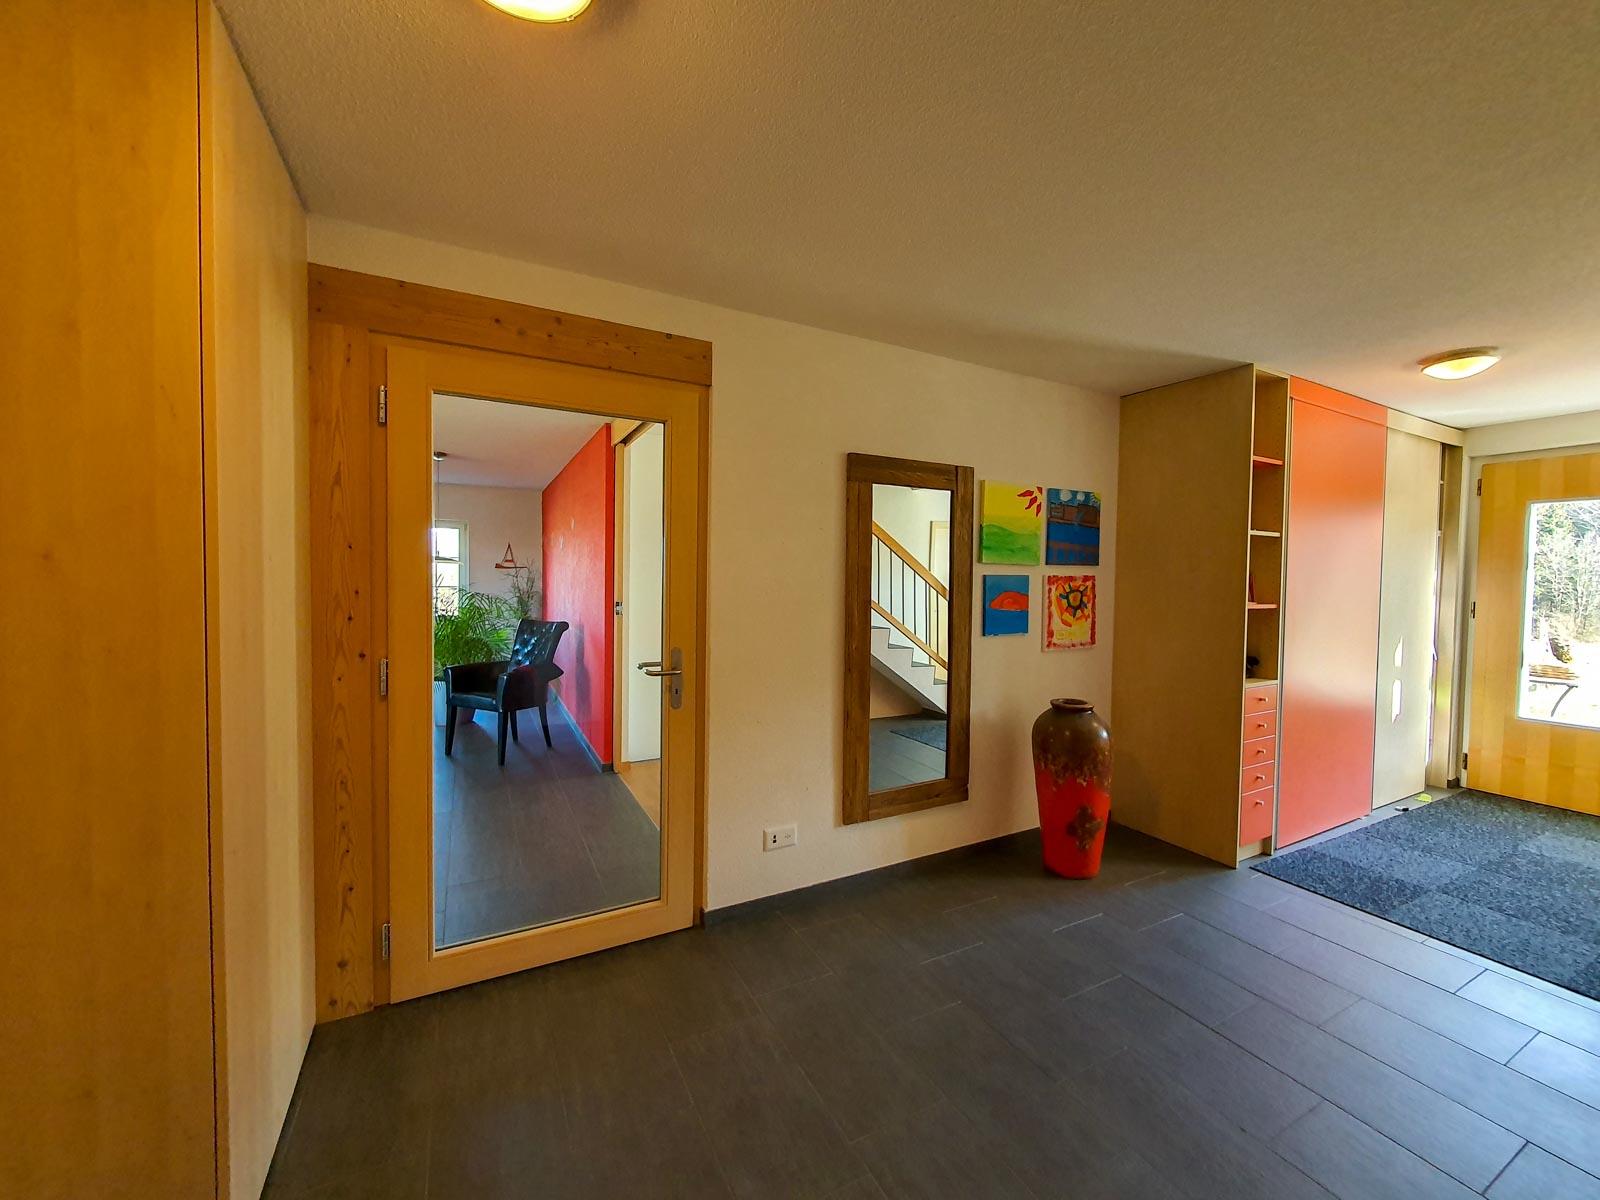 Wooddesign_Raumtrenner_Türen_Schiebetüren_Akustikverkleidungen_Altholz_Wandverkleidung_Glasfüllung_LED Beleuchtung (5)